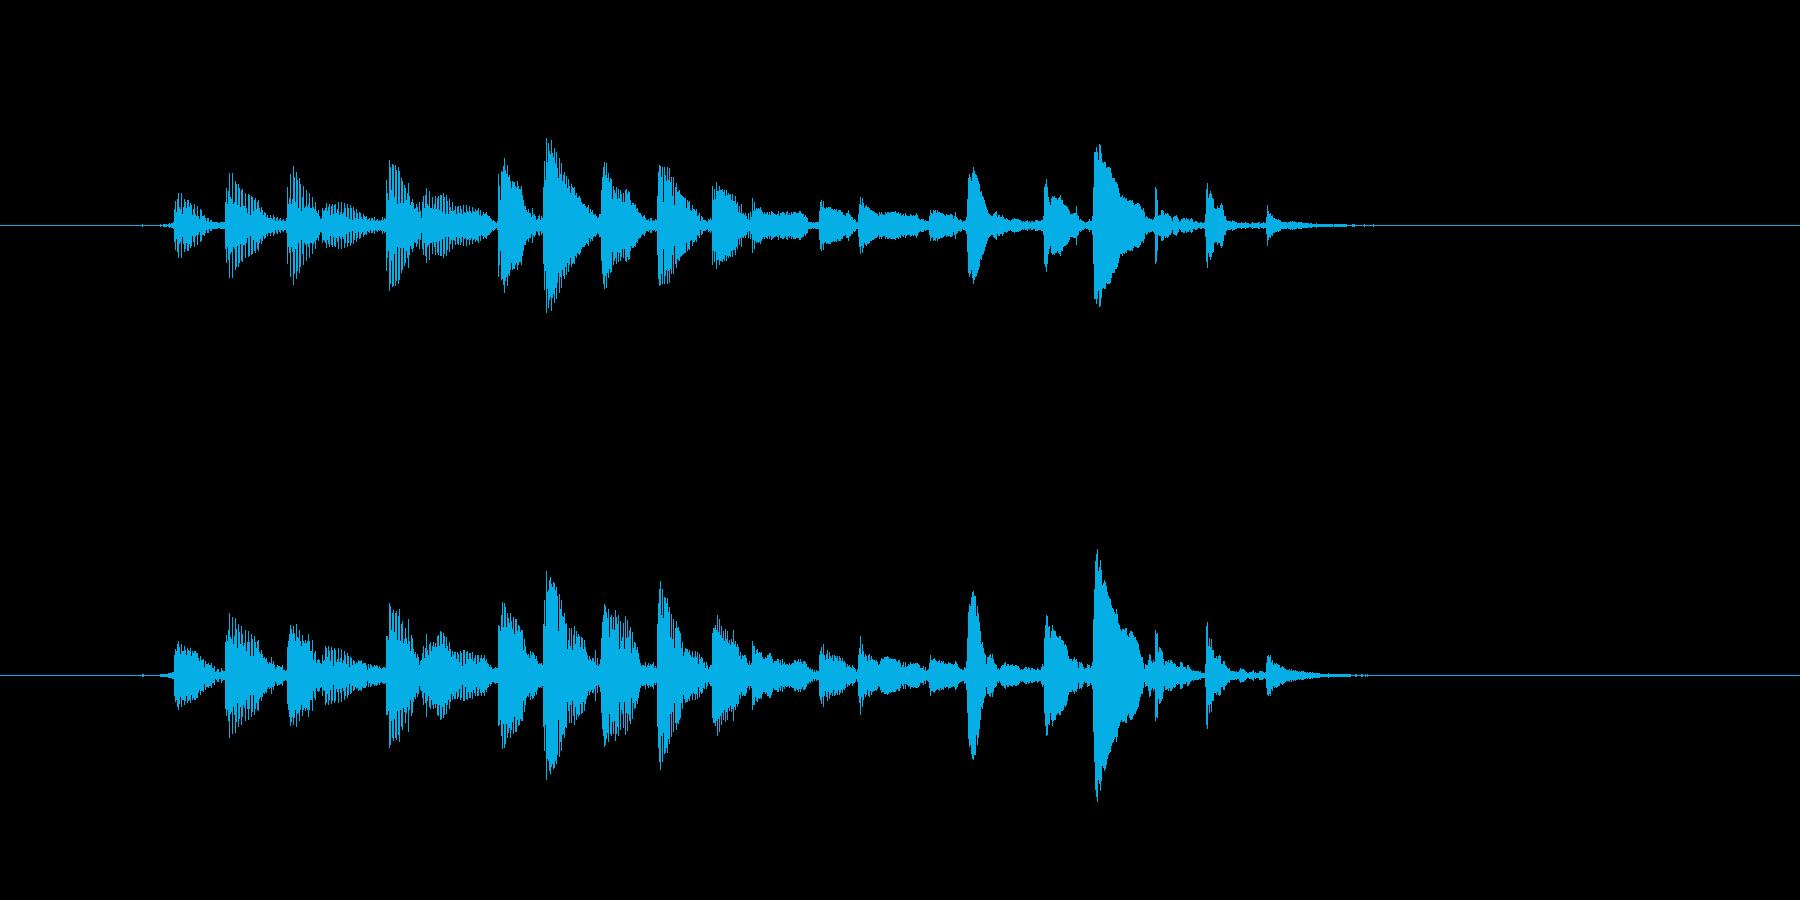 生音 三味線 チリチリ アップの再生済みの波形